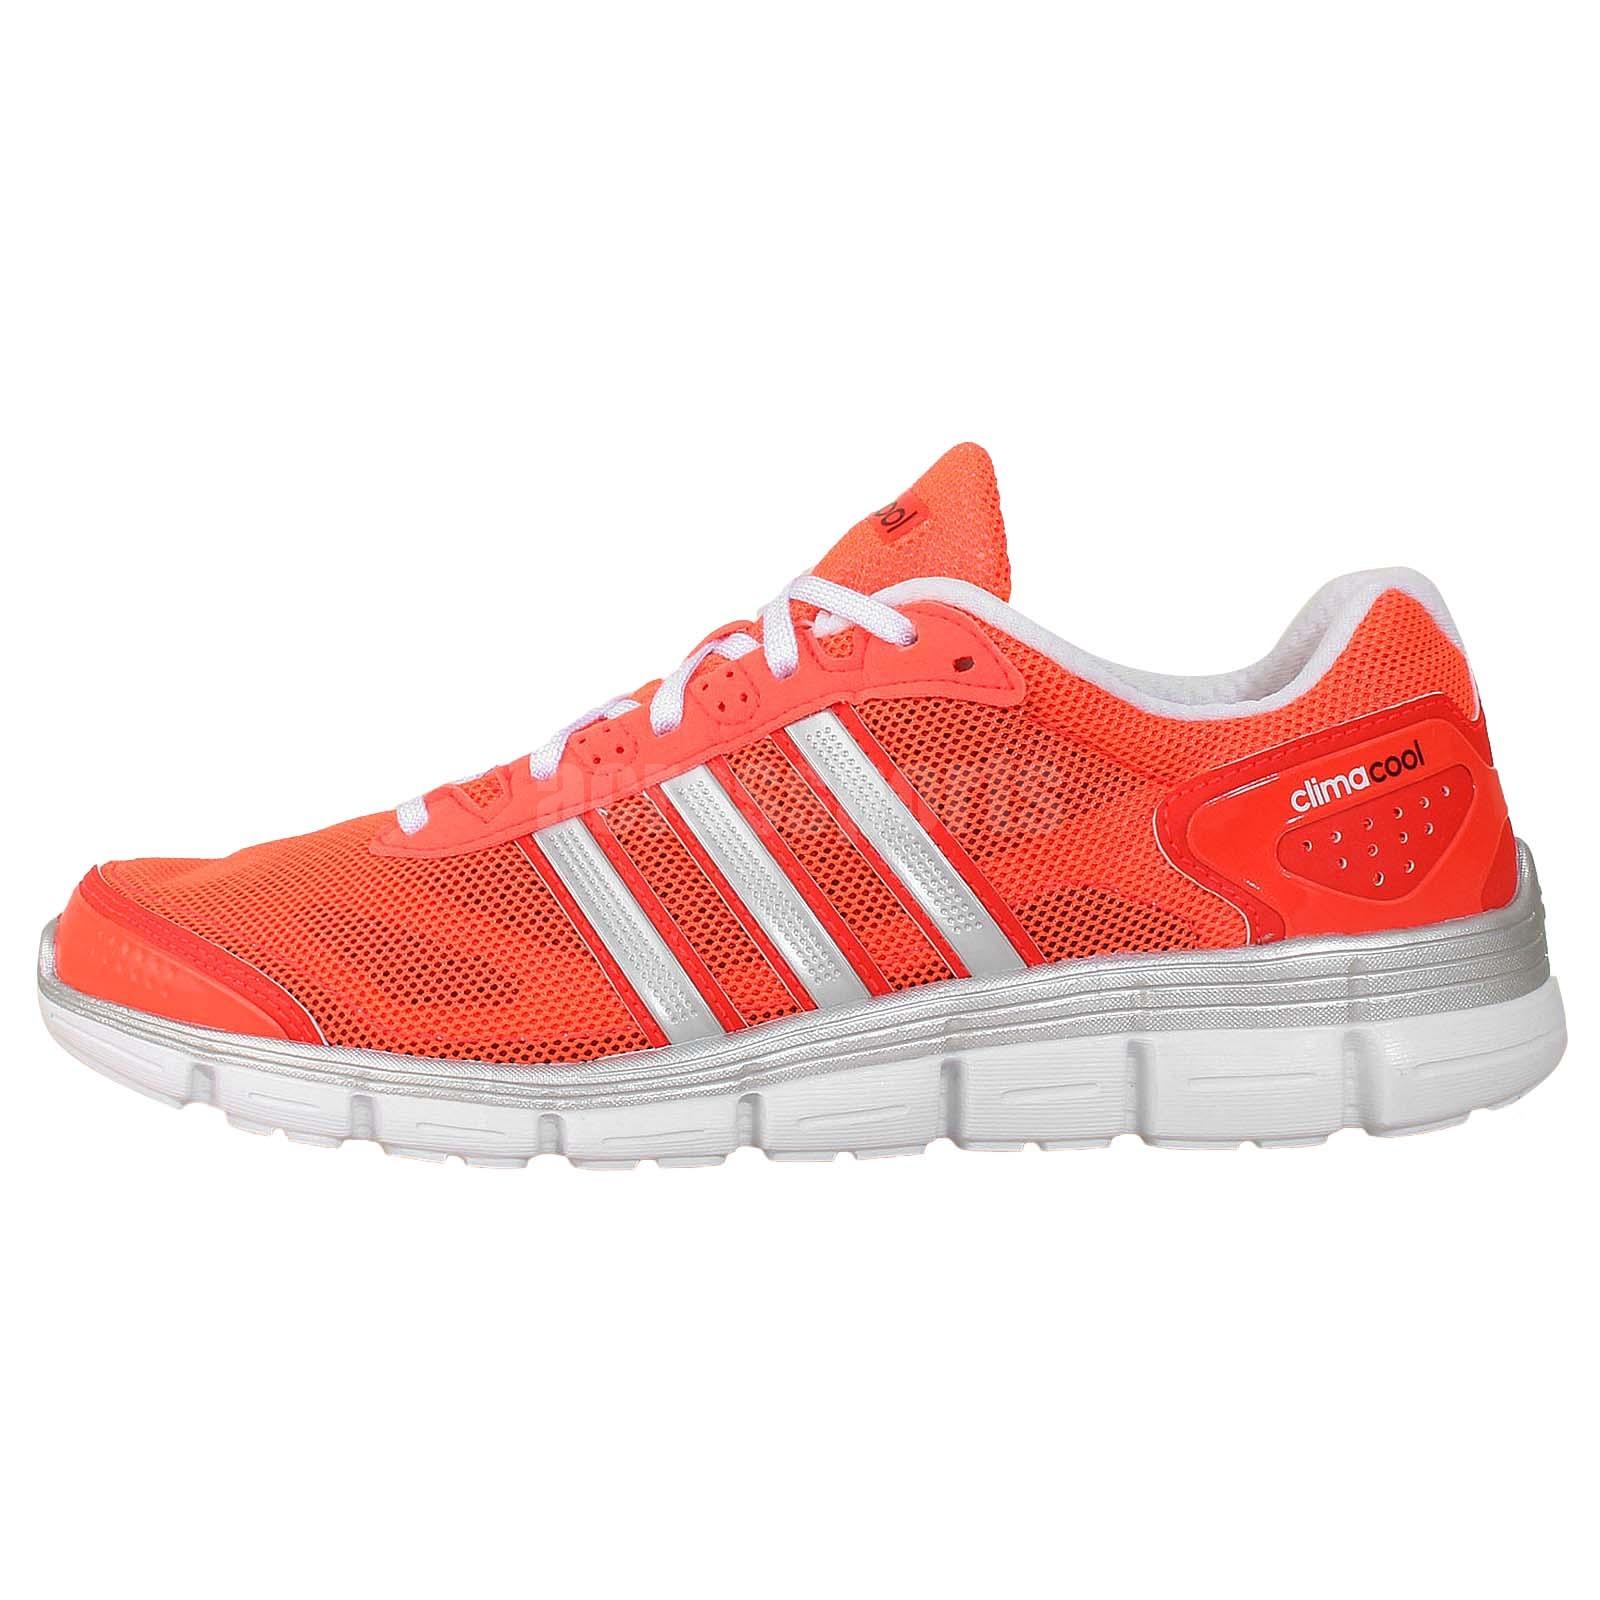 adidas climacool shoes orange